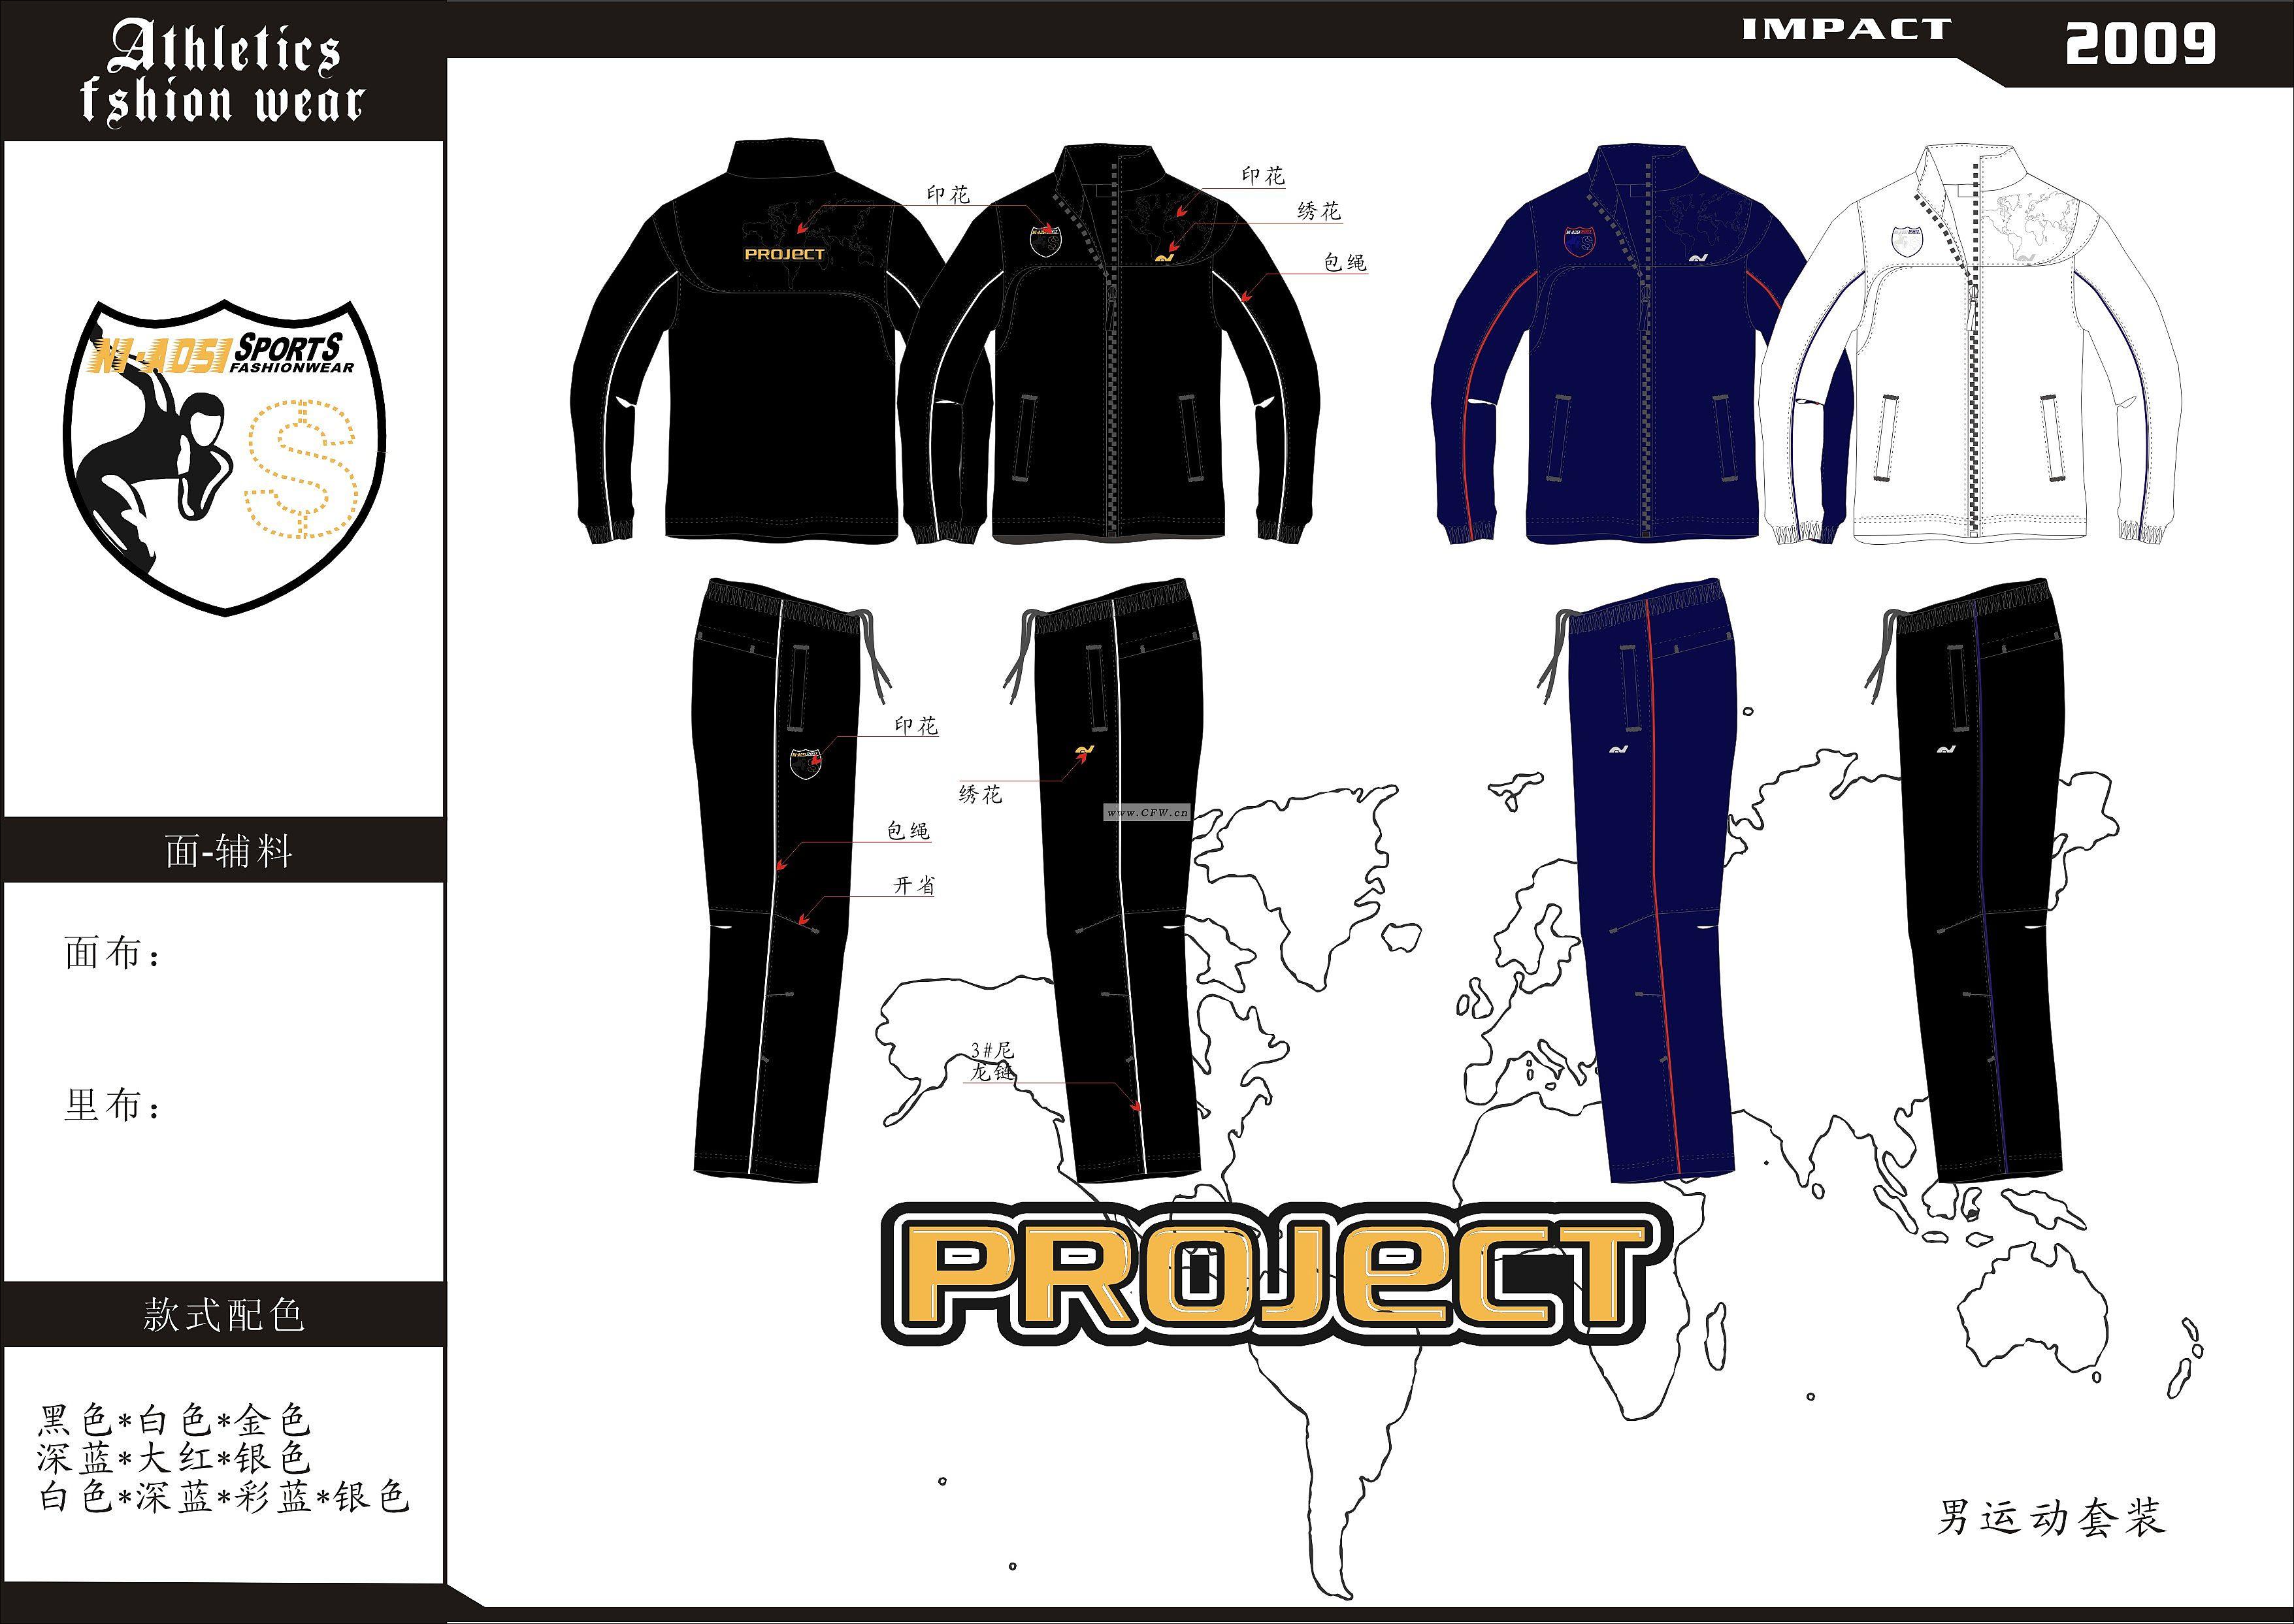 09春夏男套装校服设计图-男装设计-服装设计